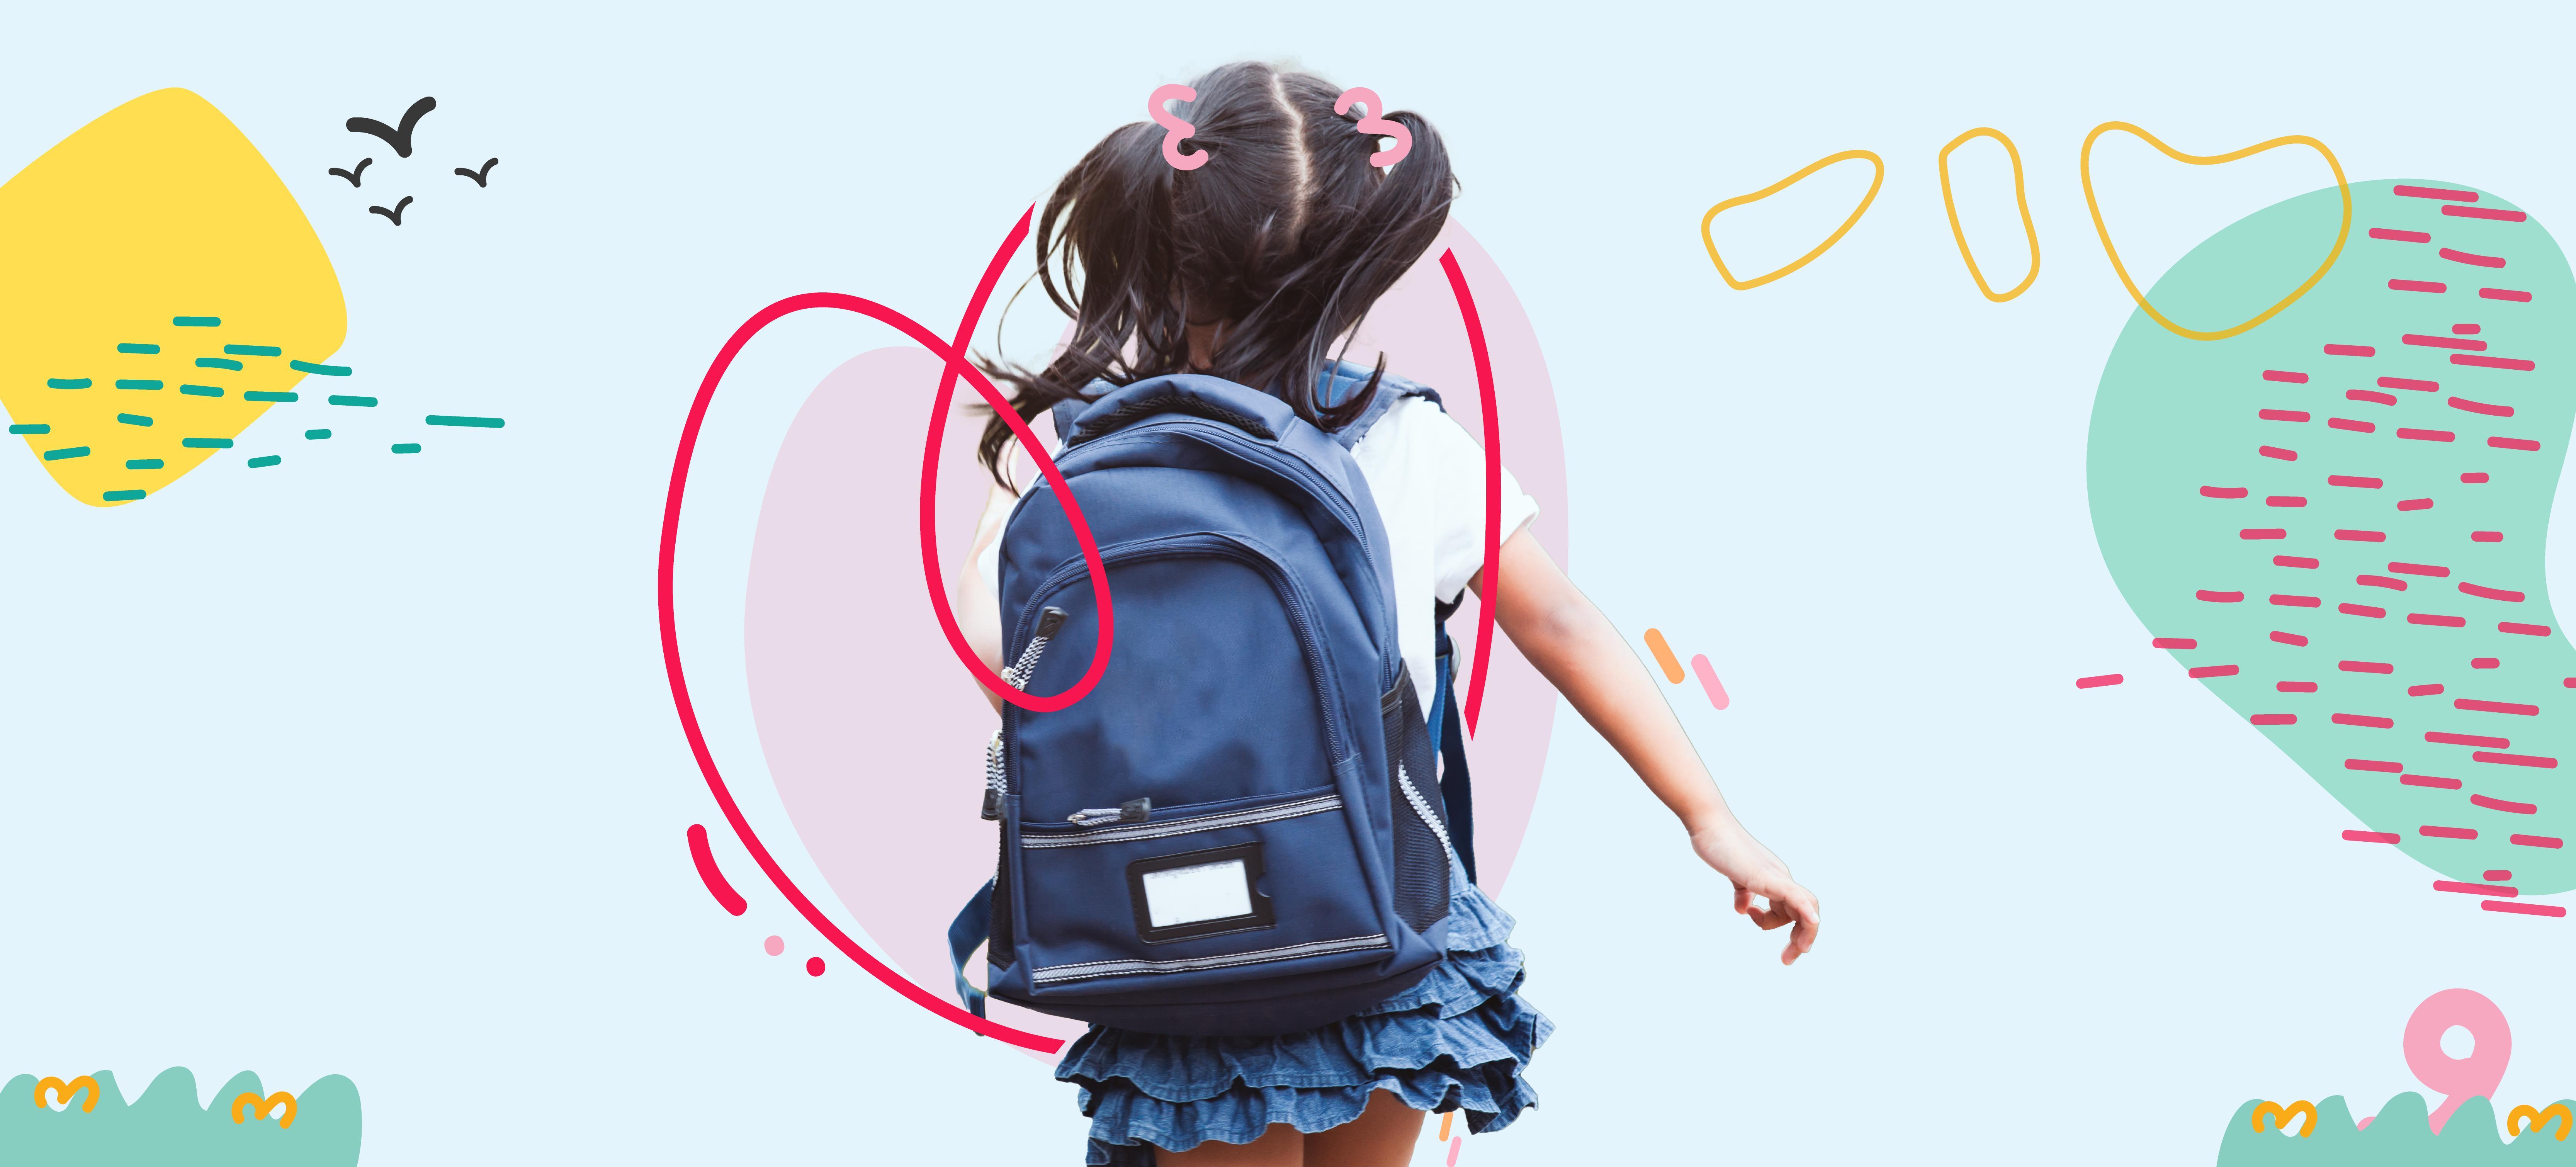 العودة إلى المدرسة: نصائح ما بعد COVID